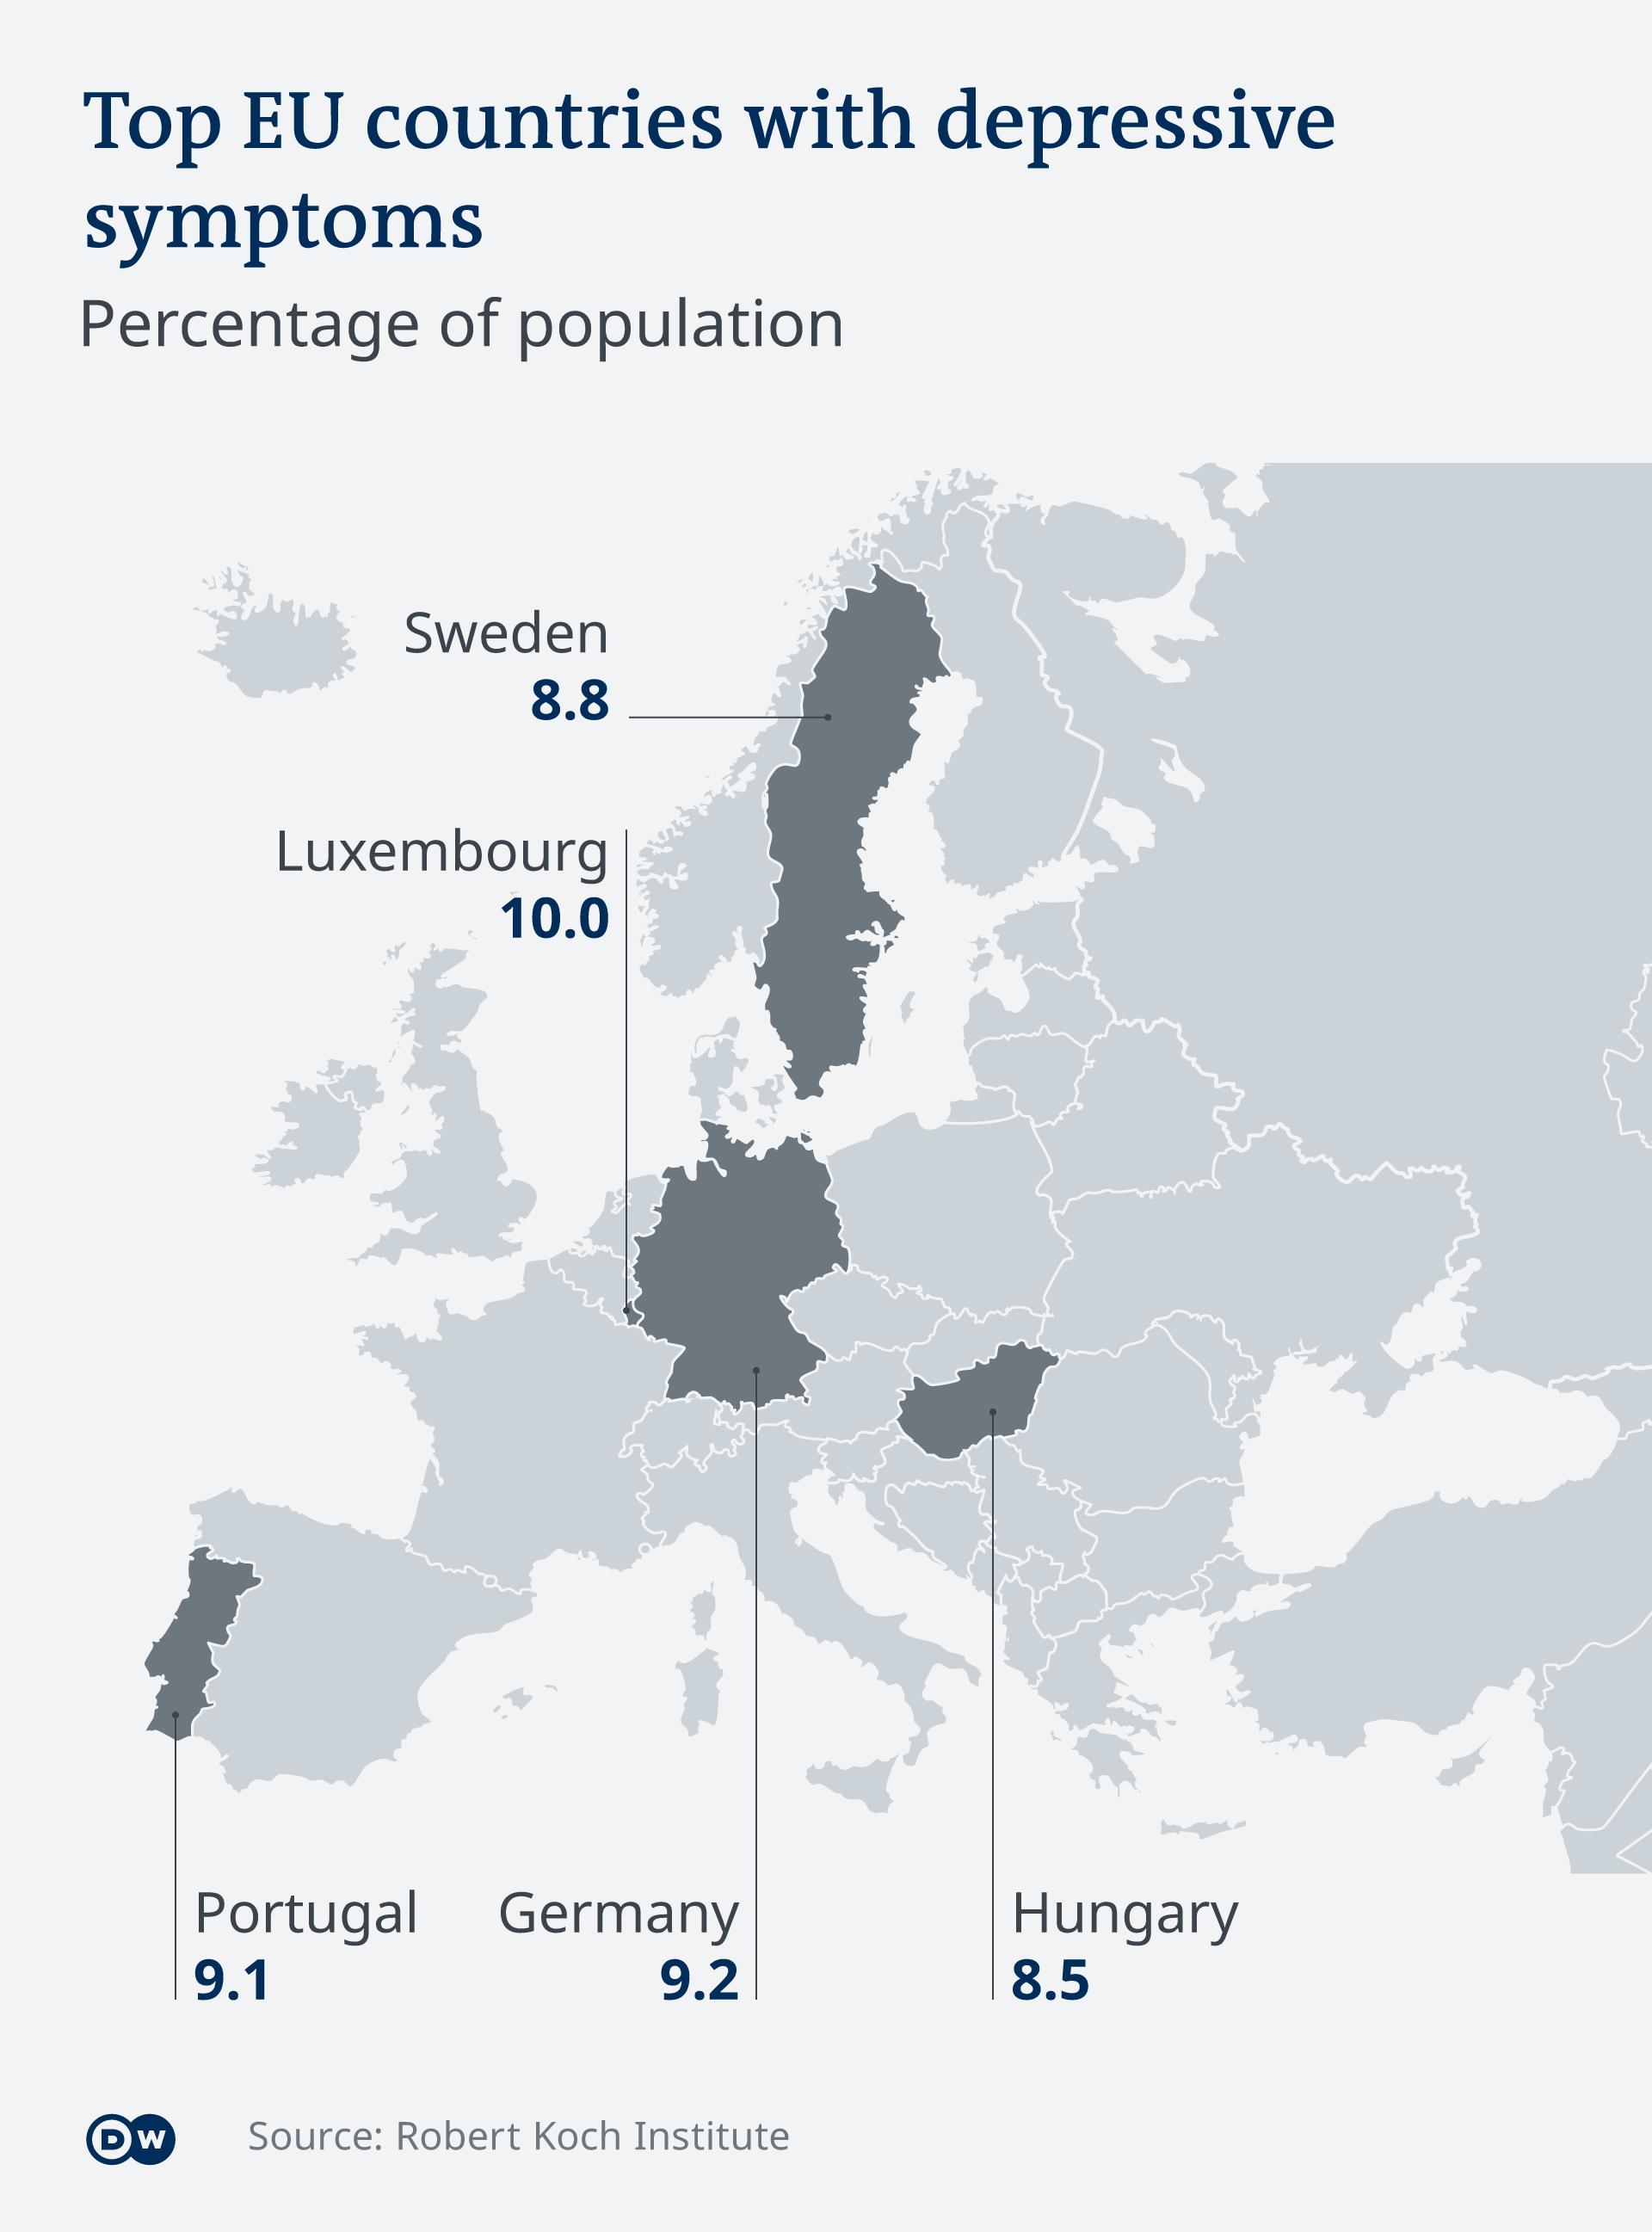 أكثر خمس دول يعاني مواطنوها من الاكتئاب في الاتحاد الأوروبي